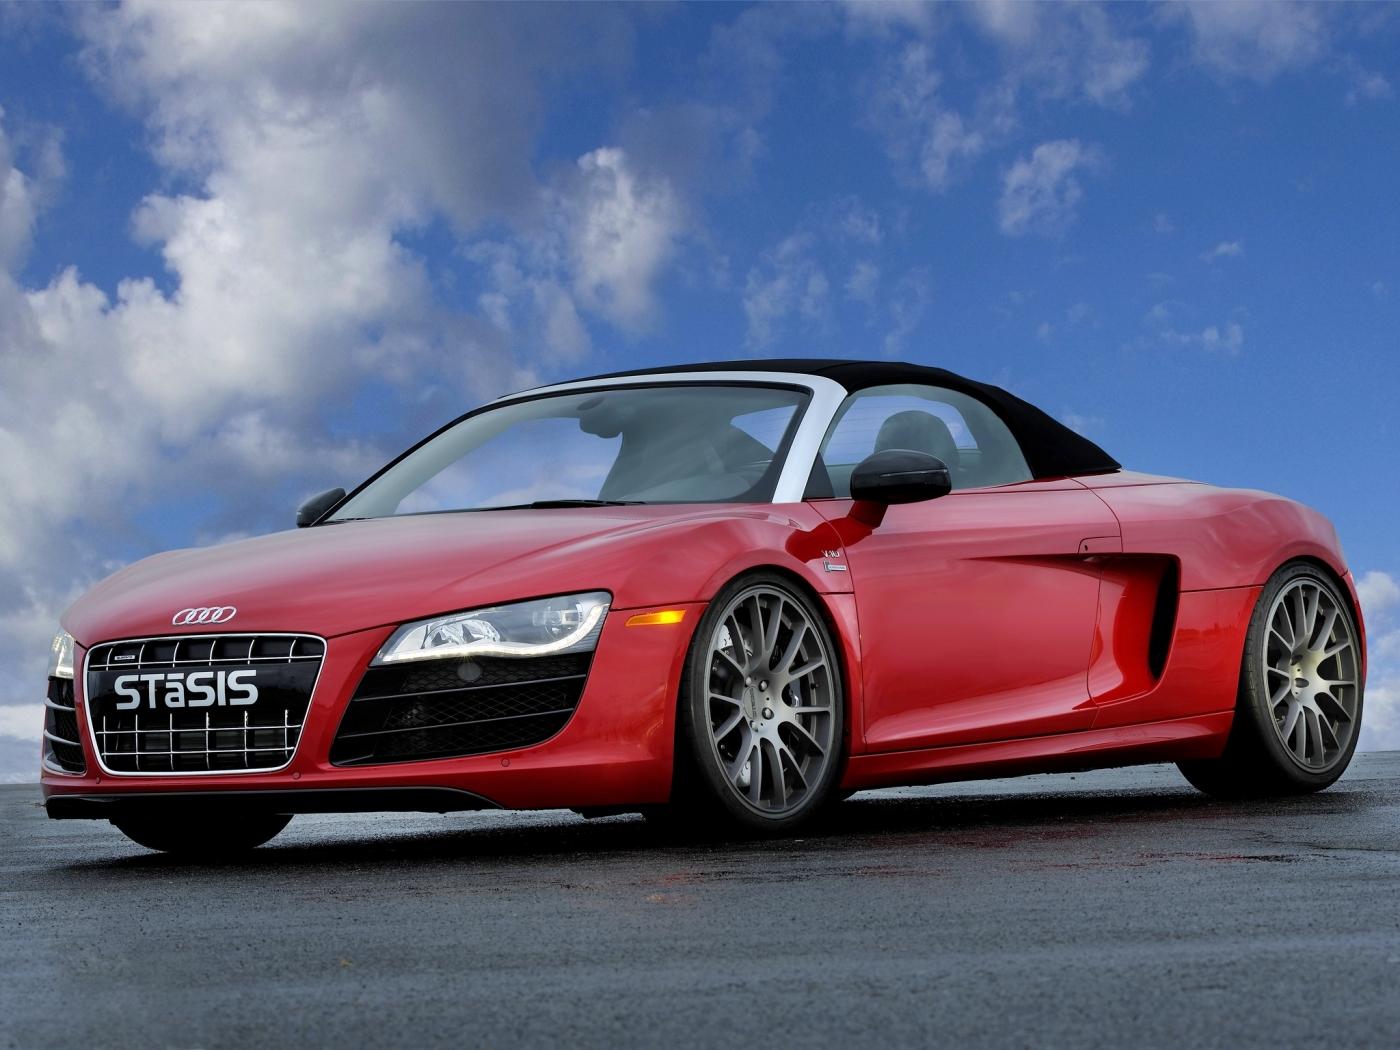 48941 télécharger le fond d'écran Transports, Voitures, Audi - économiseurs d'écran et images gratuitement